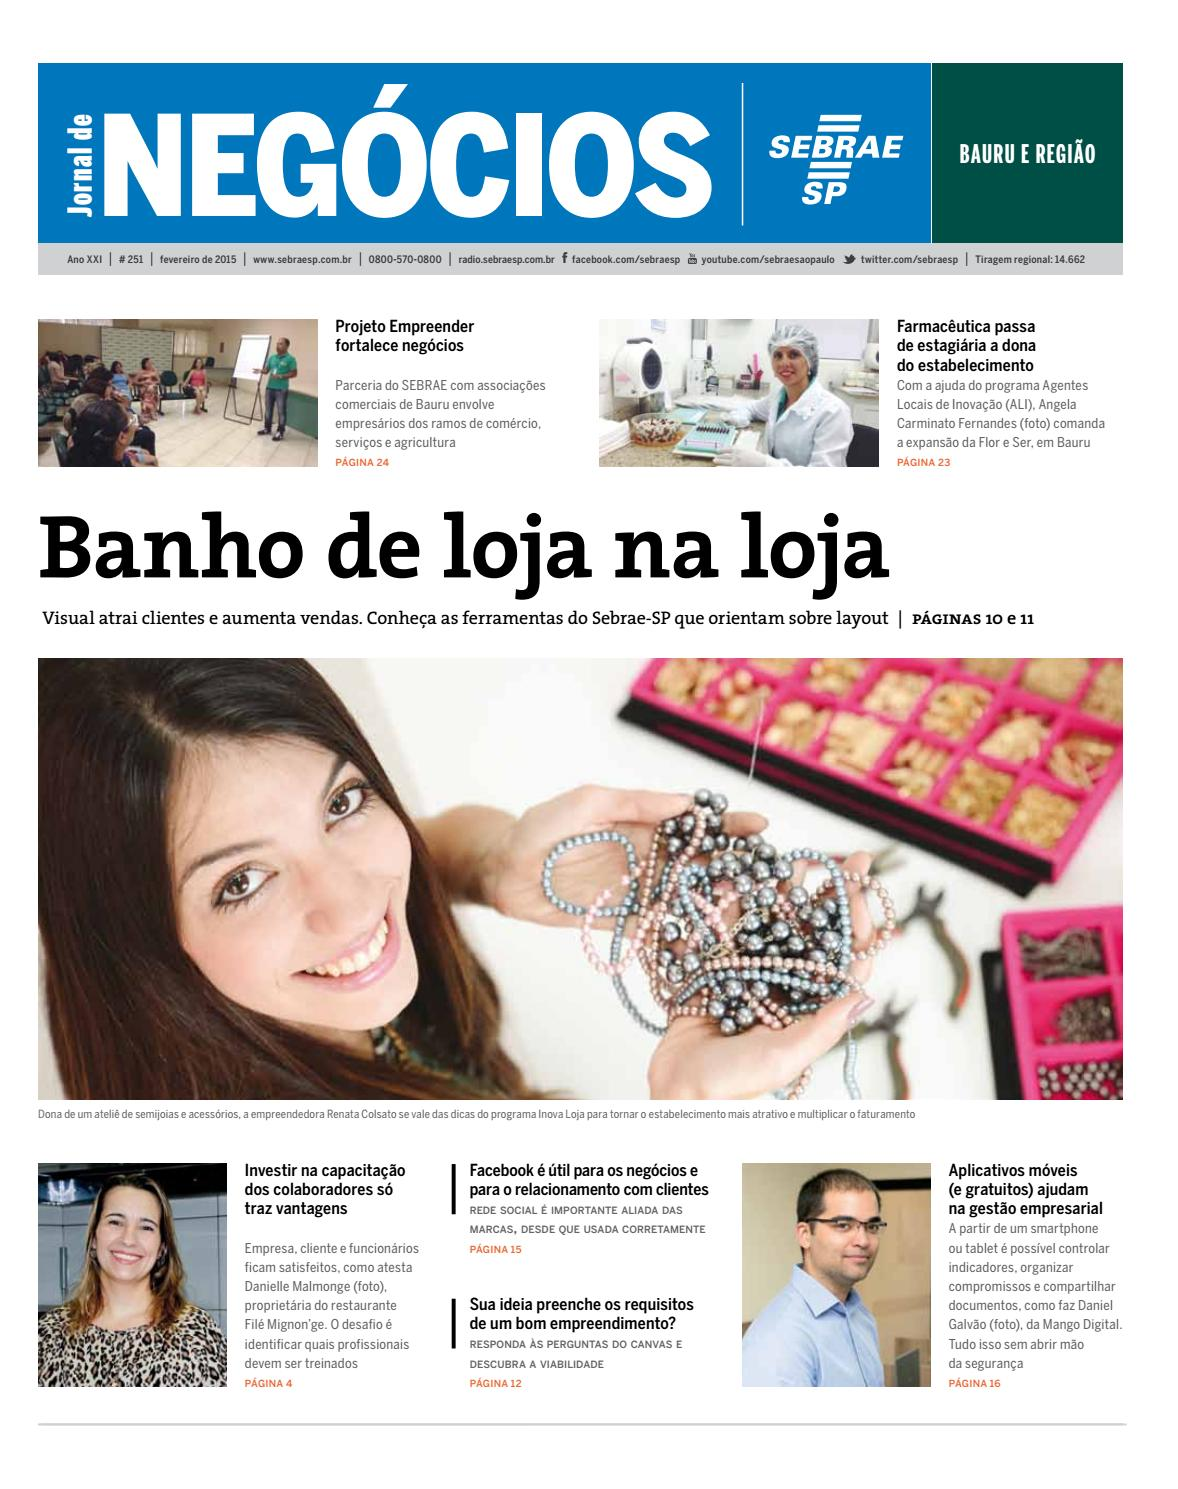 b3ed039d9b5d Jornal de Negócios Sebrae-SP - 01 de fevereiro de 2015 - Bauru by Sebrae-SP  - issuu